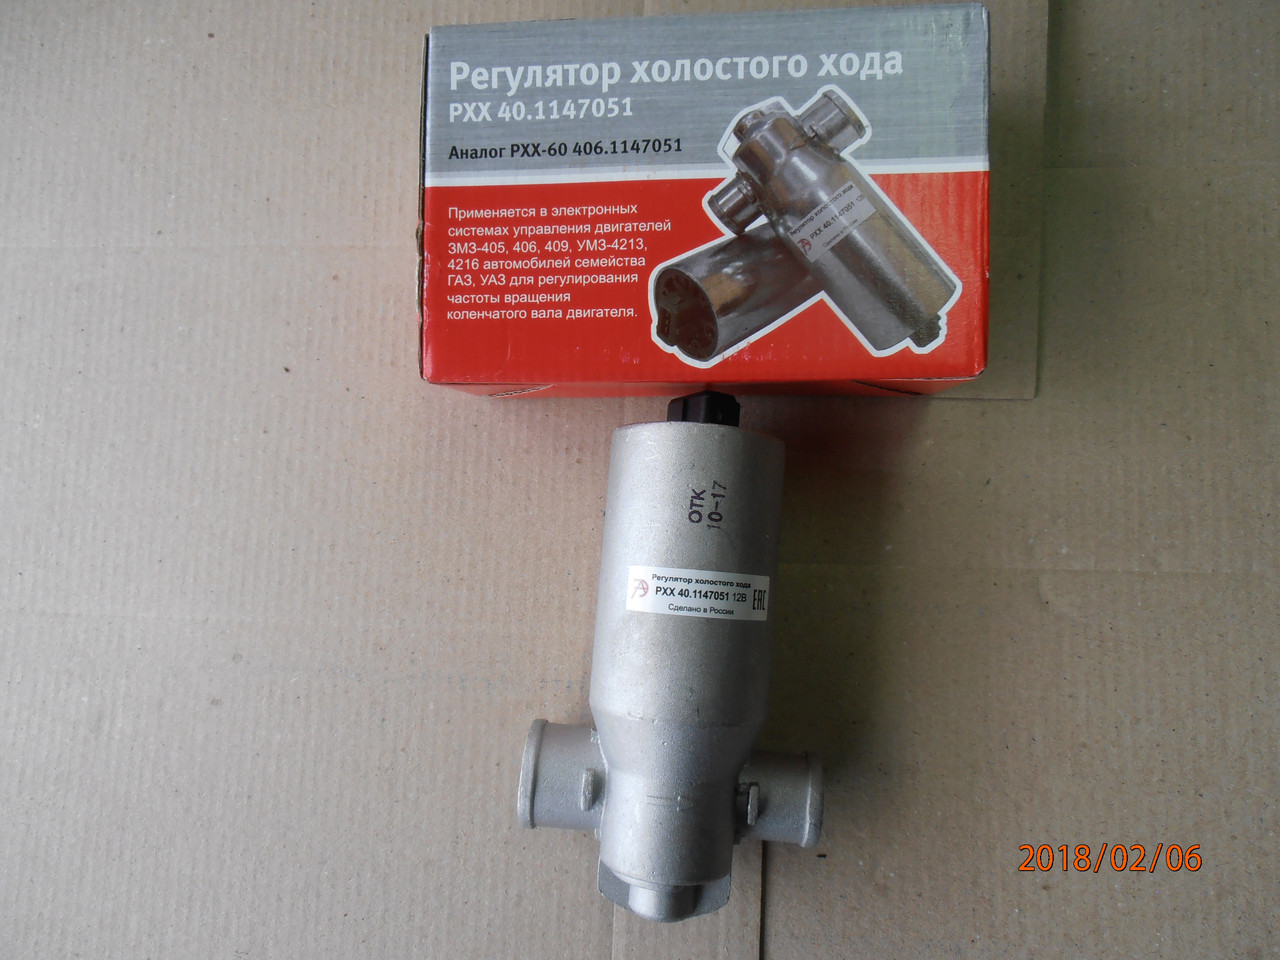 Регулятор холостого хода (РХХ)на ав-ли ГАЗ,УАЗ  РХХ-40(аналог РХХ-60)